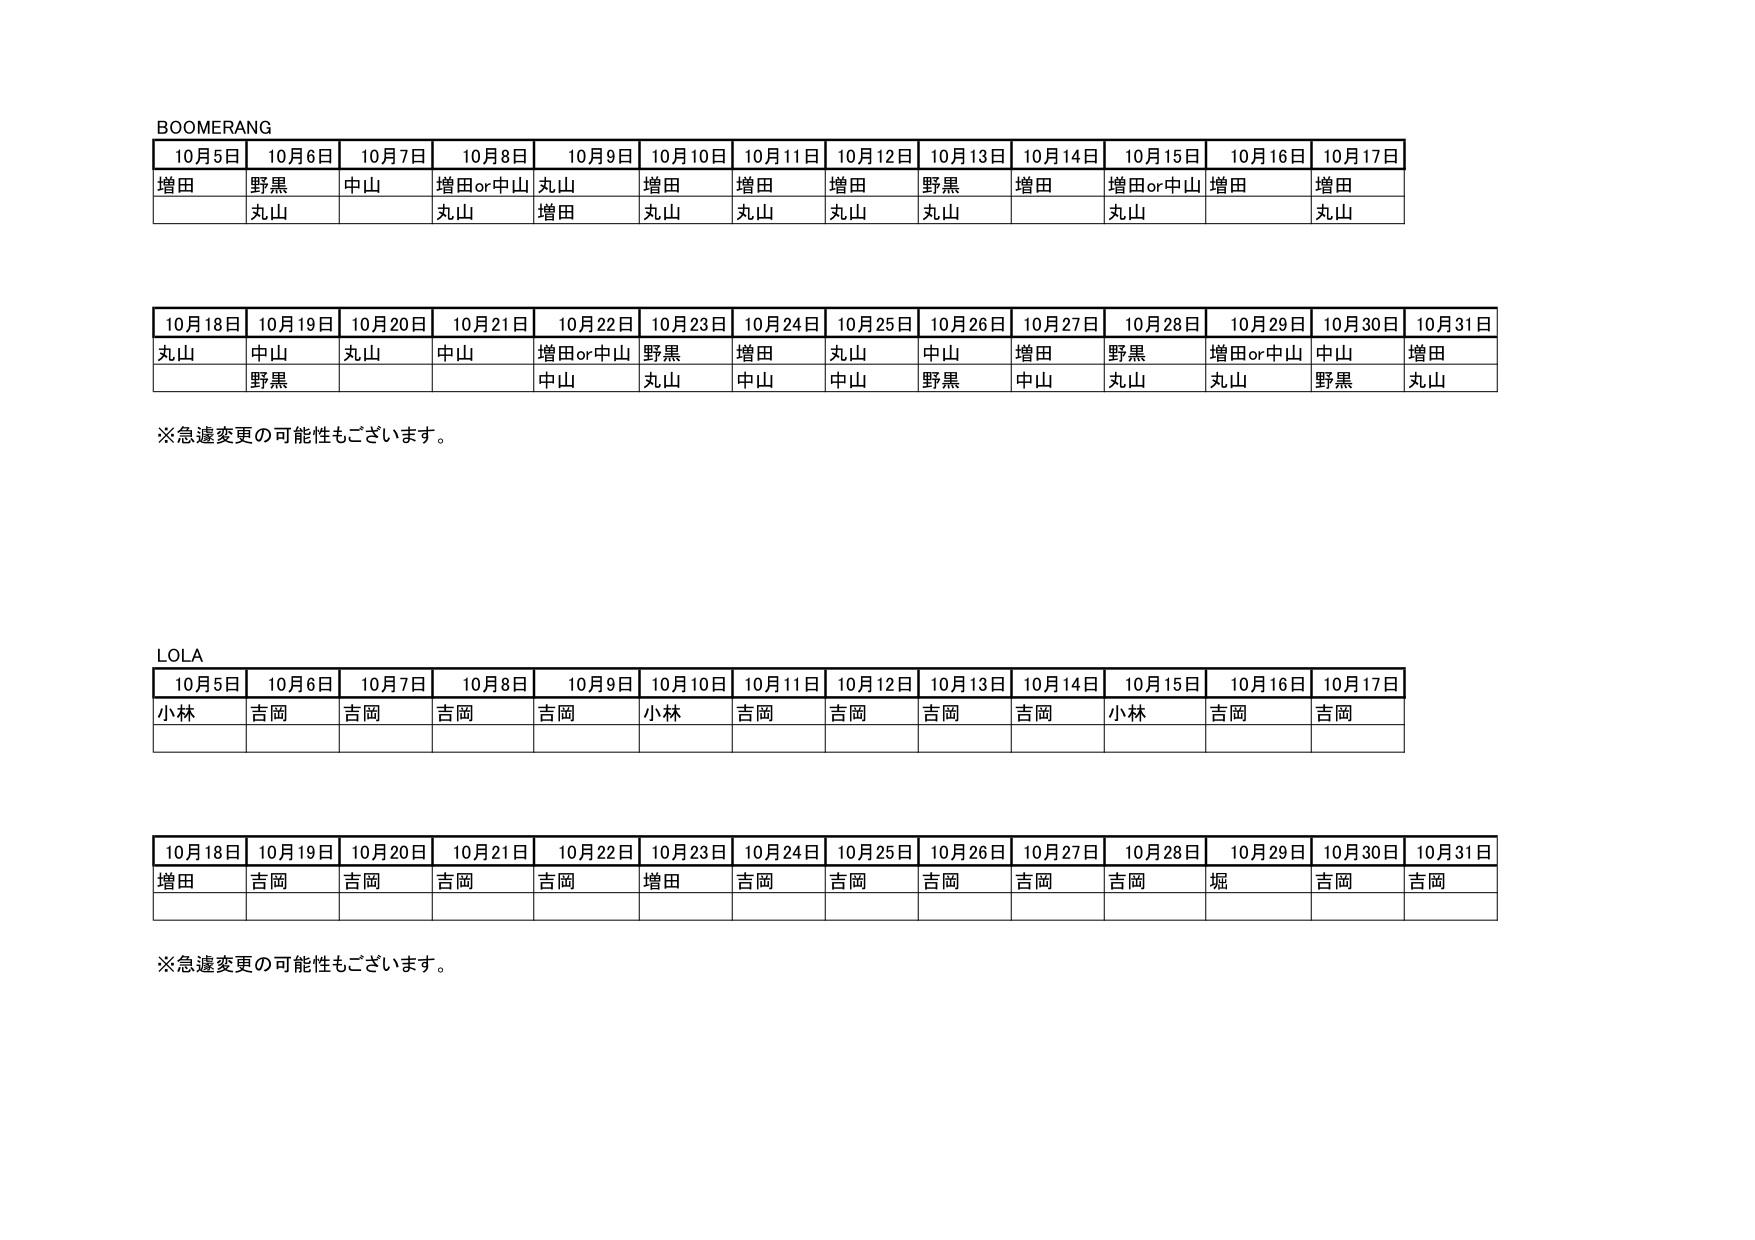 シフトBLOG11 20-52-30 Sheet1